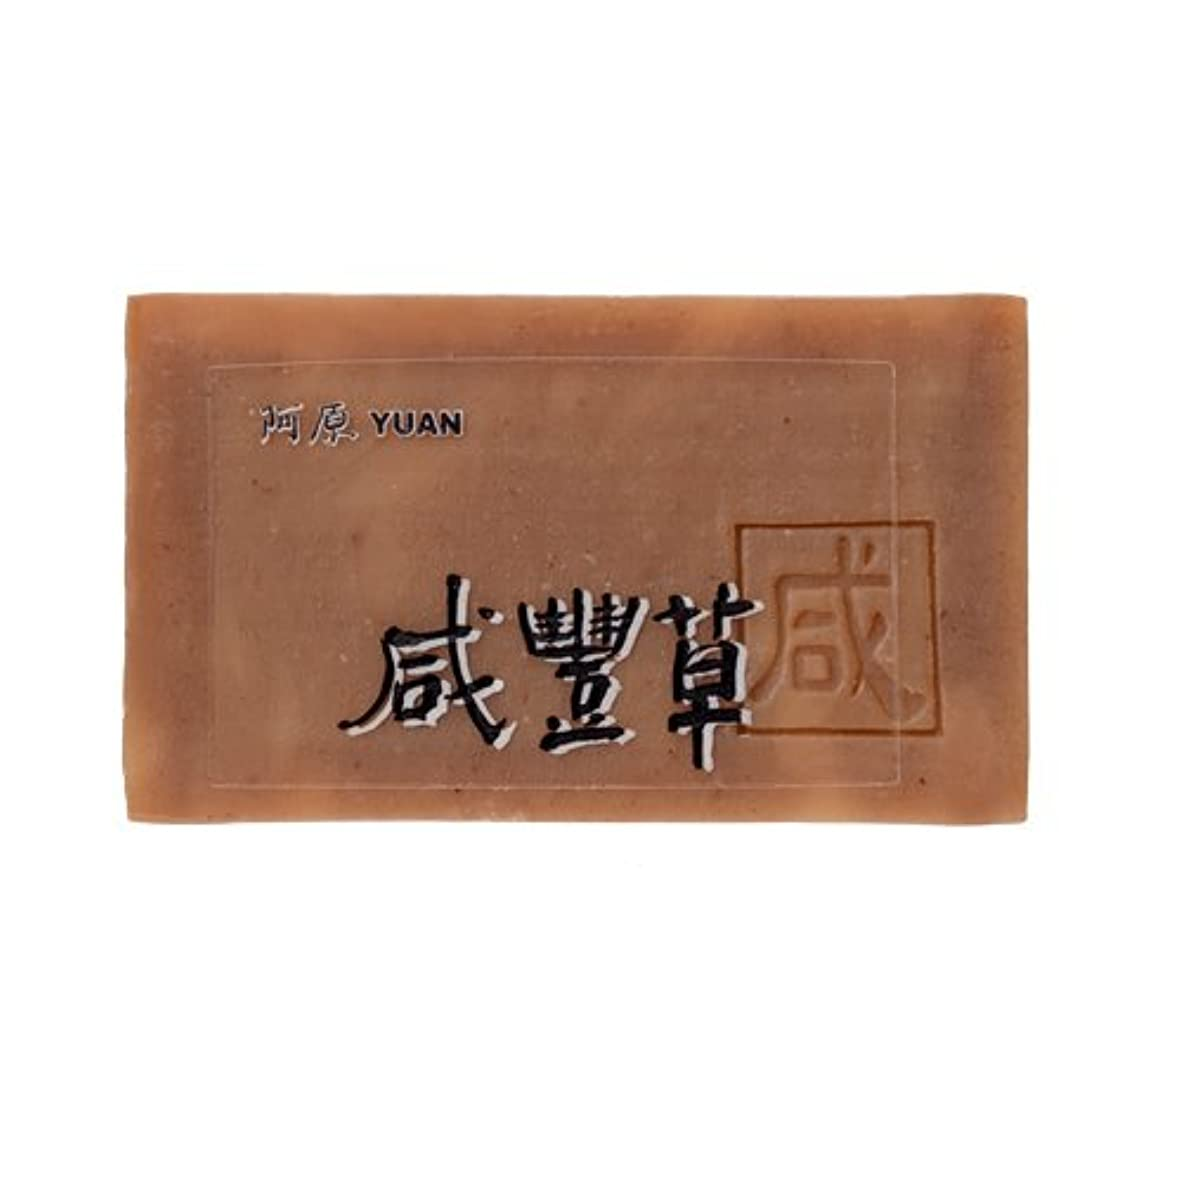 否認する有彩色のキルスユアン(YUAN) ユアンソープ コシロノセンダングサソープ 100g (阿原 石けん 台湾コスメ)